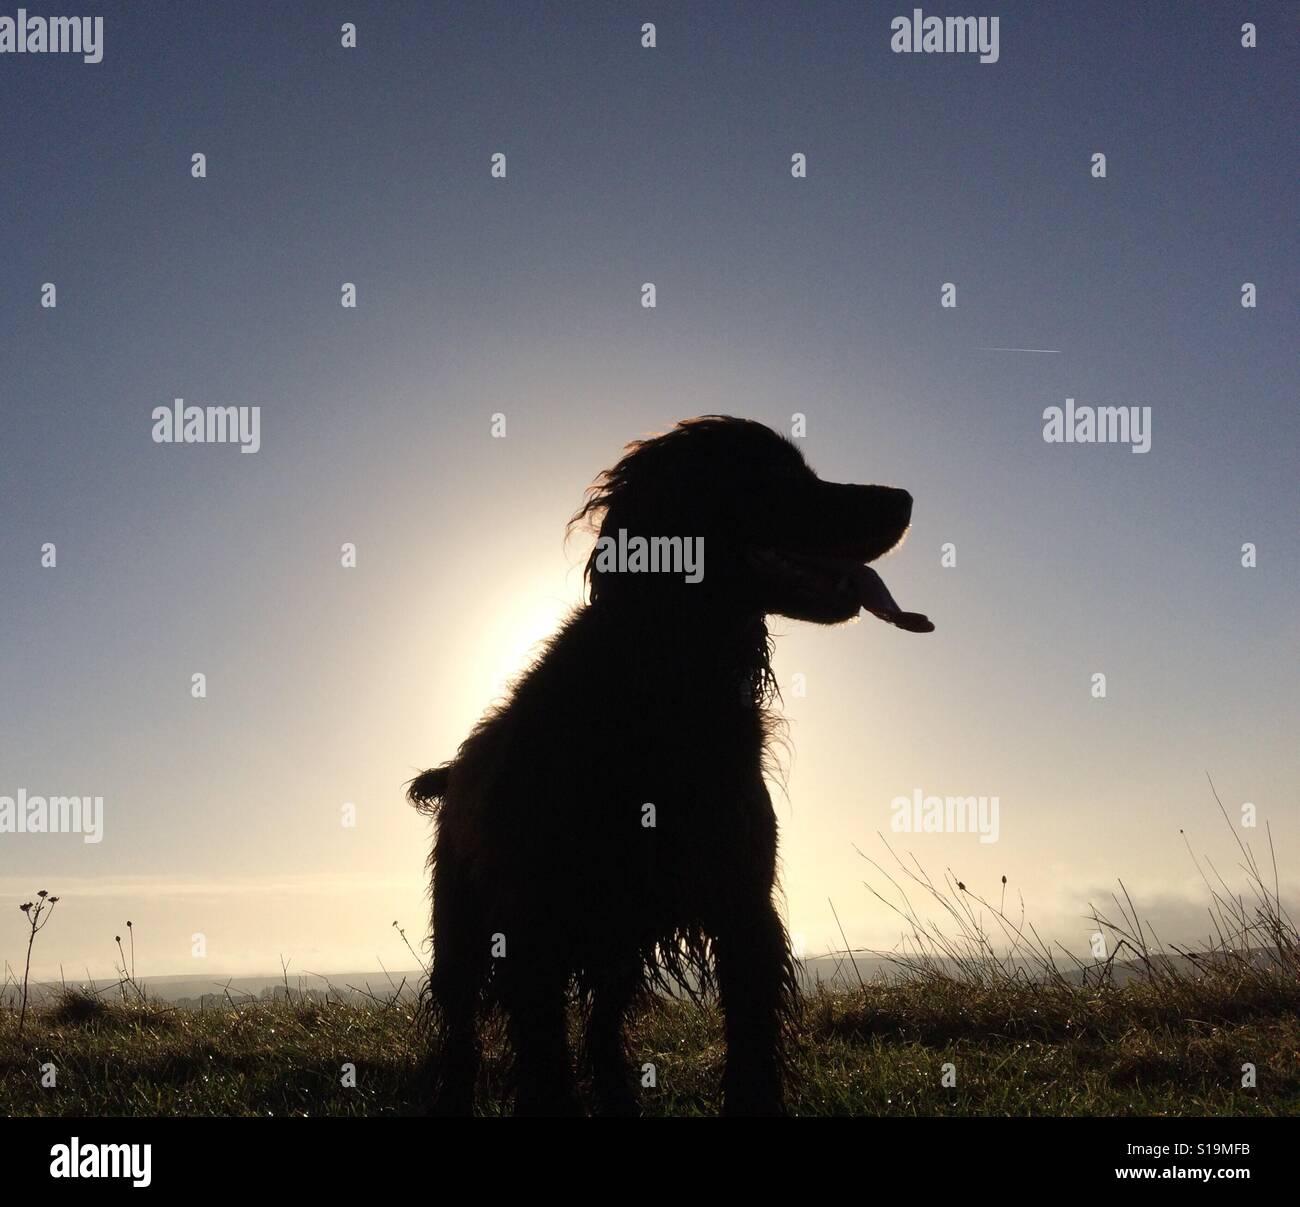 Silhouette di un piccolo spaniel cane ansimante davanti a un basso sun Foto Stock